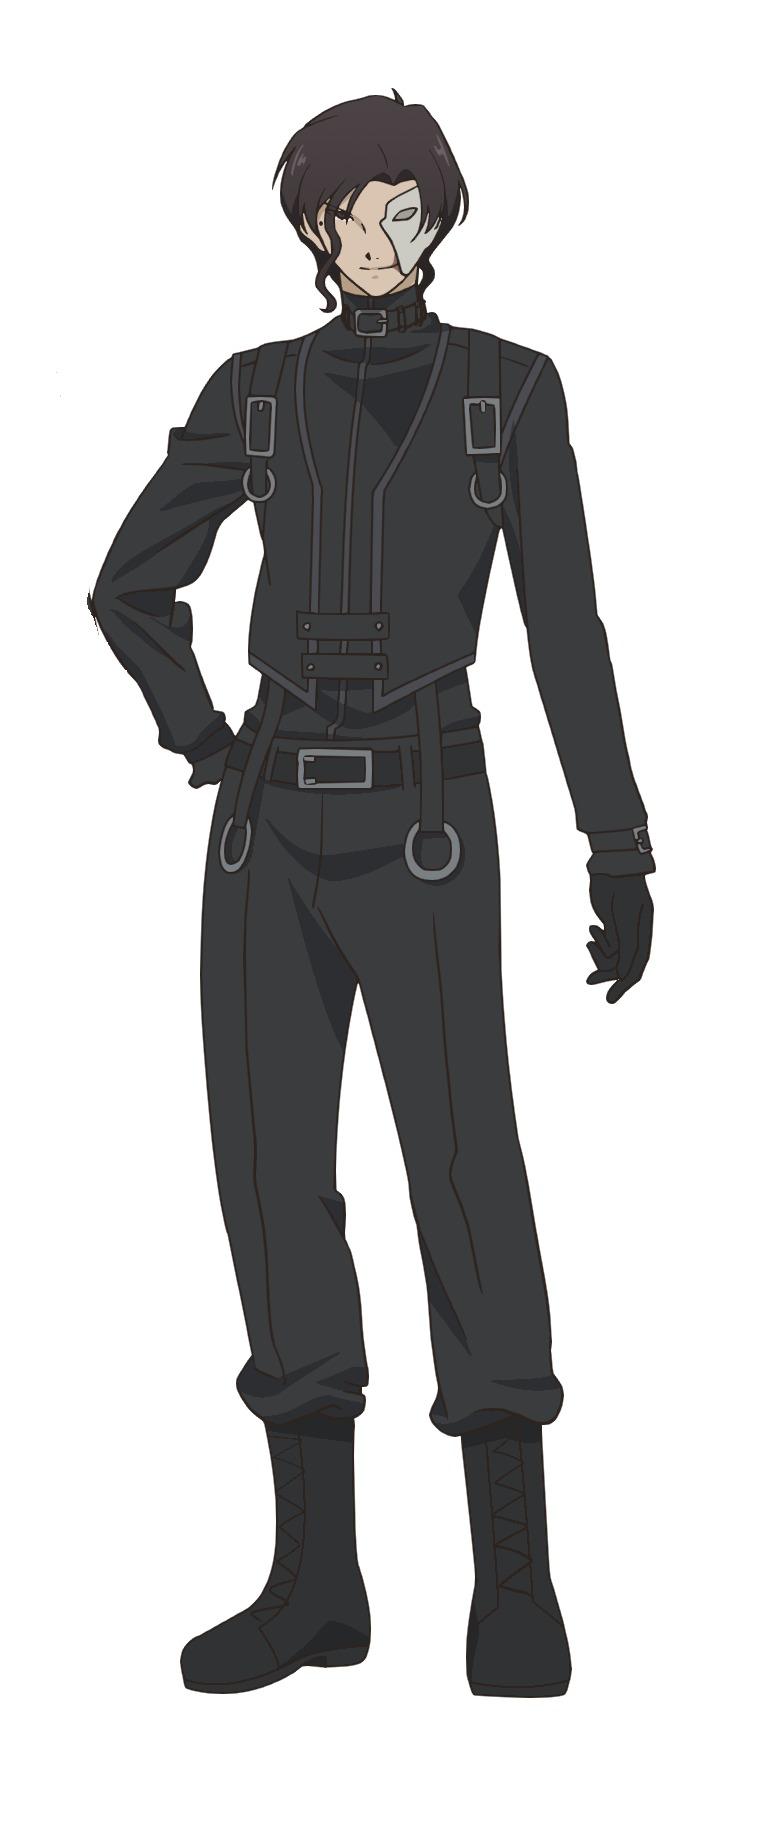 ハイドラント(戦闘服)